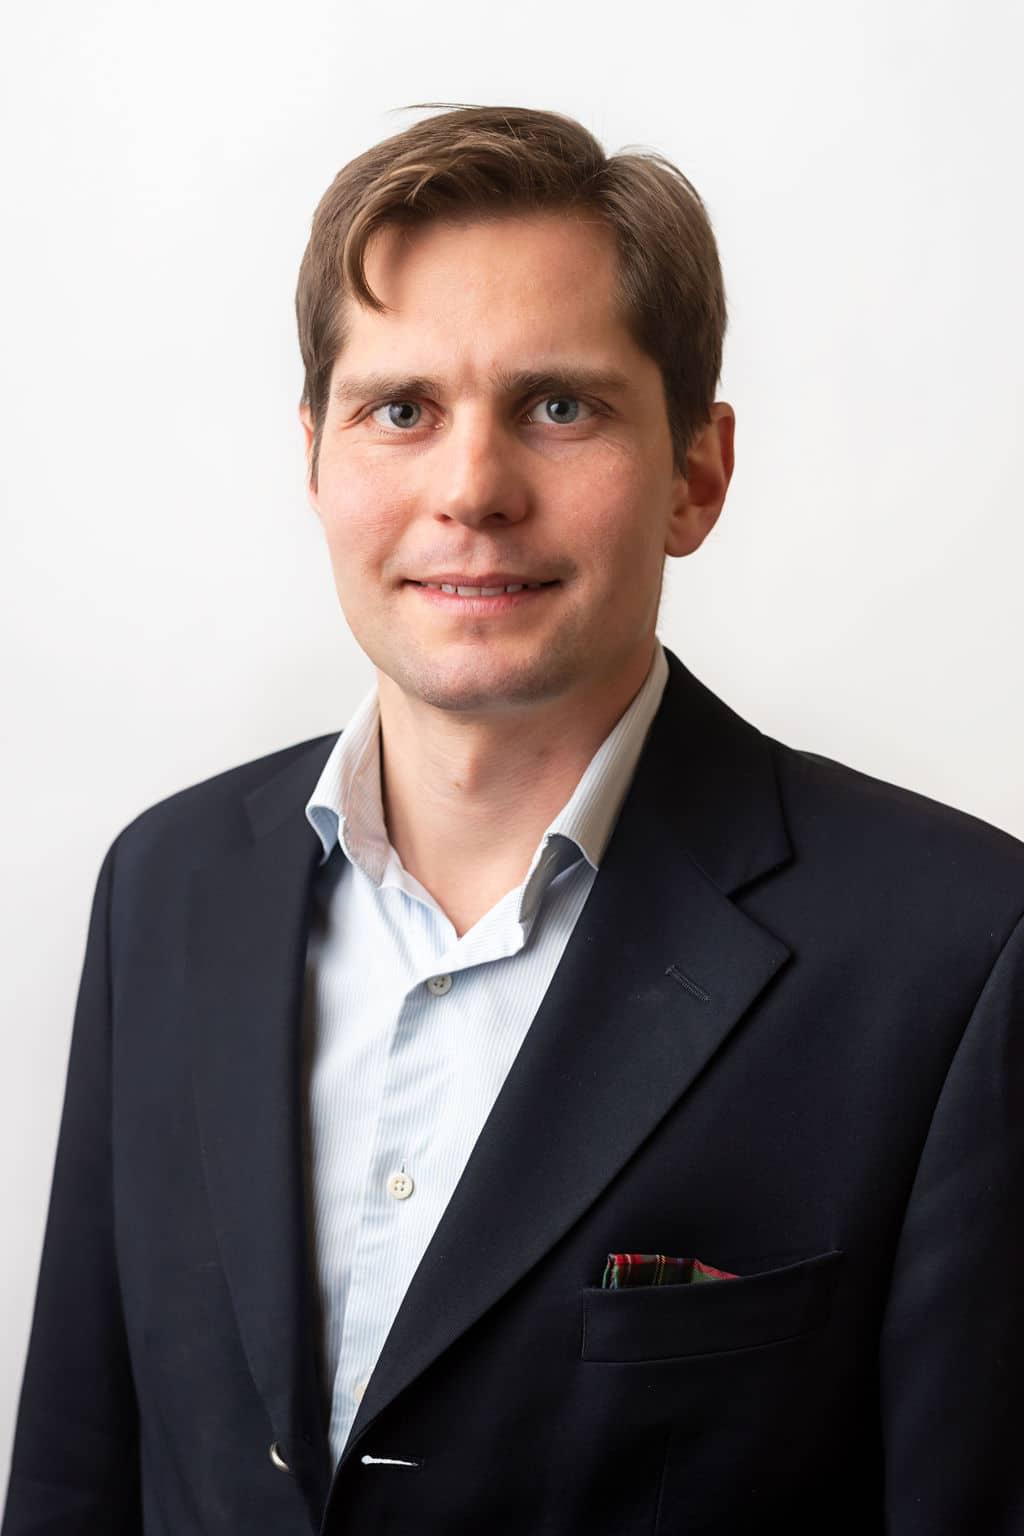 Gustaf Magnusson-Kroon